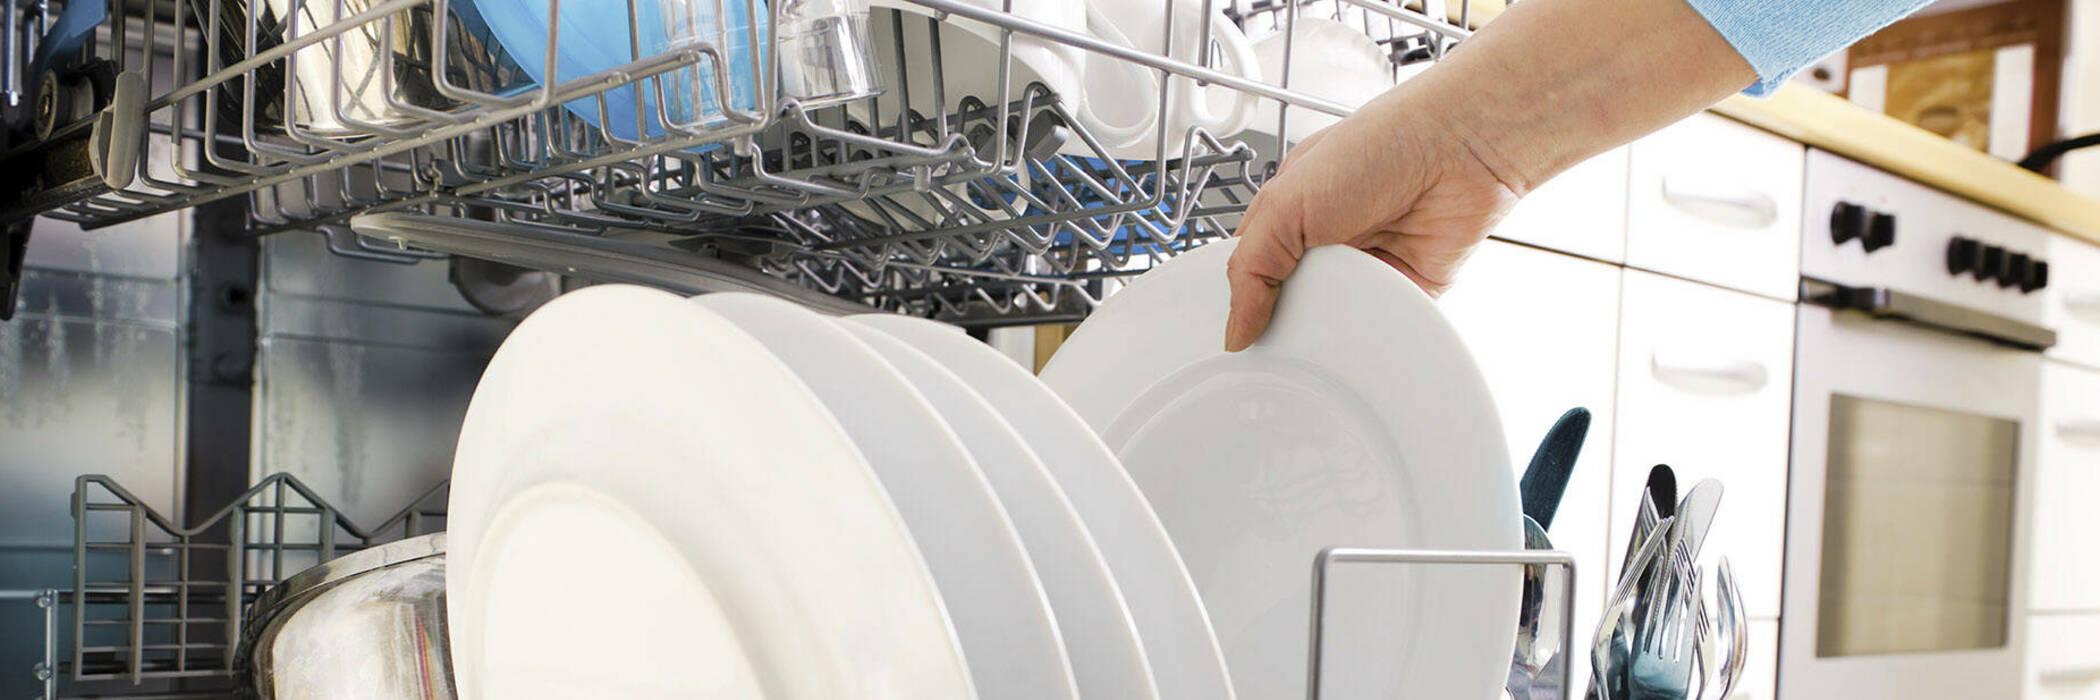 15june survey reveals reliable appliances hero